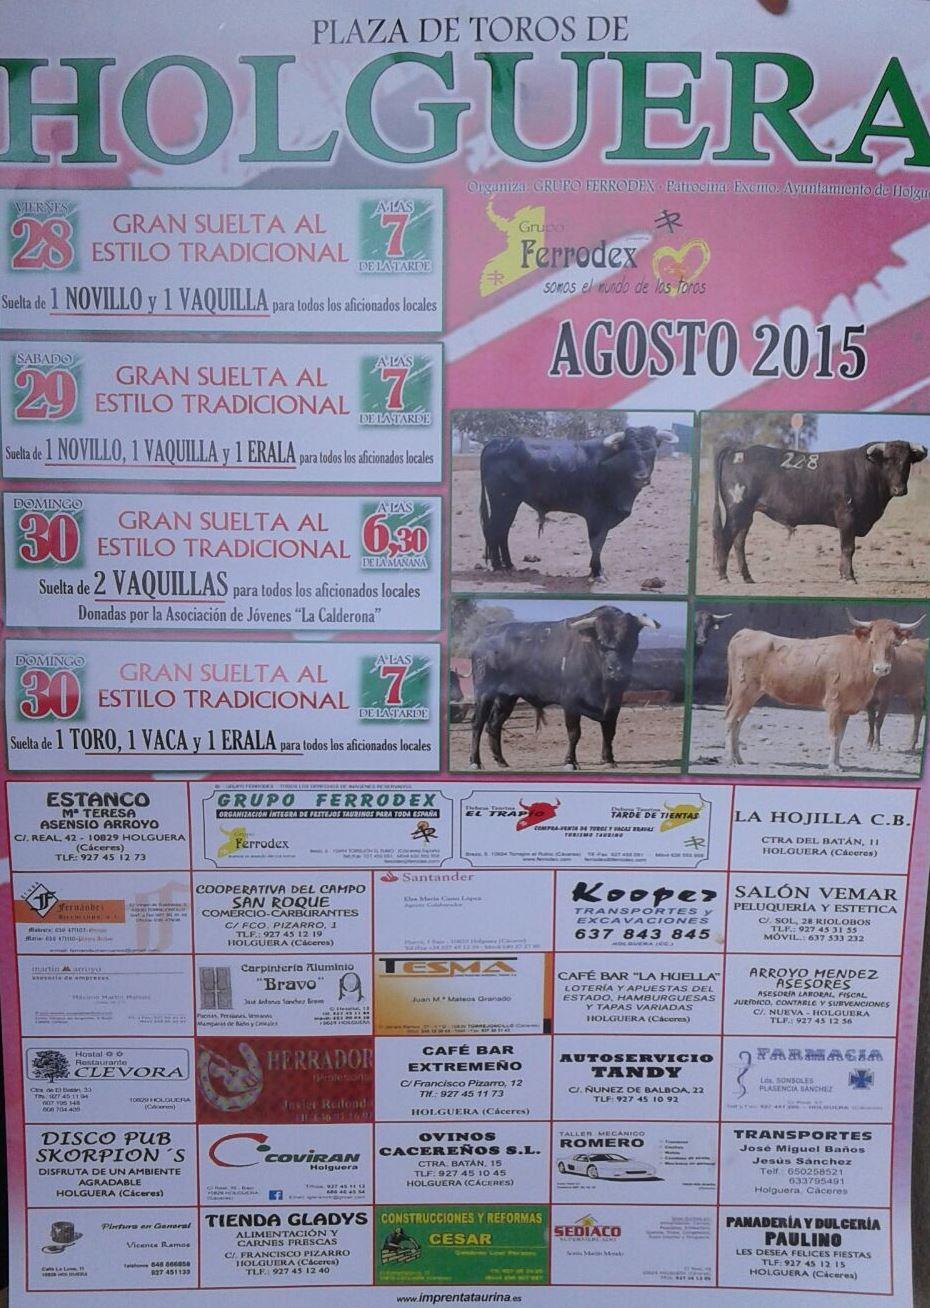 Ruta senderista, acordeones, liturgias, orquestas y toros en Holguera